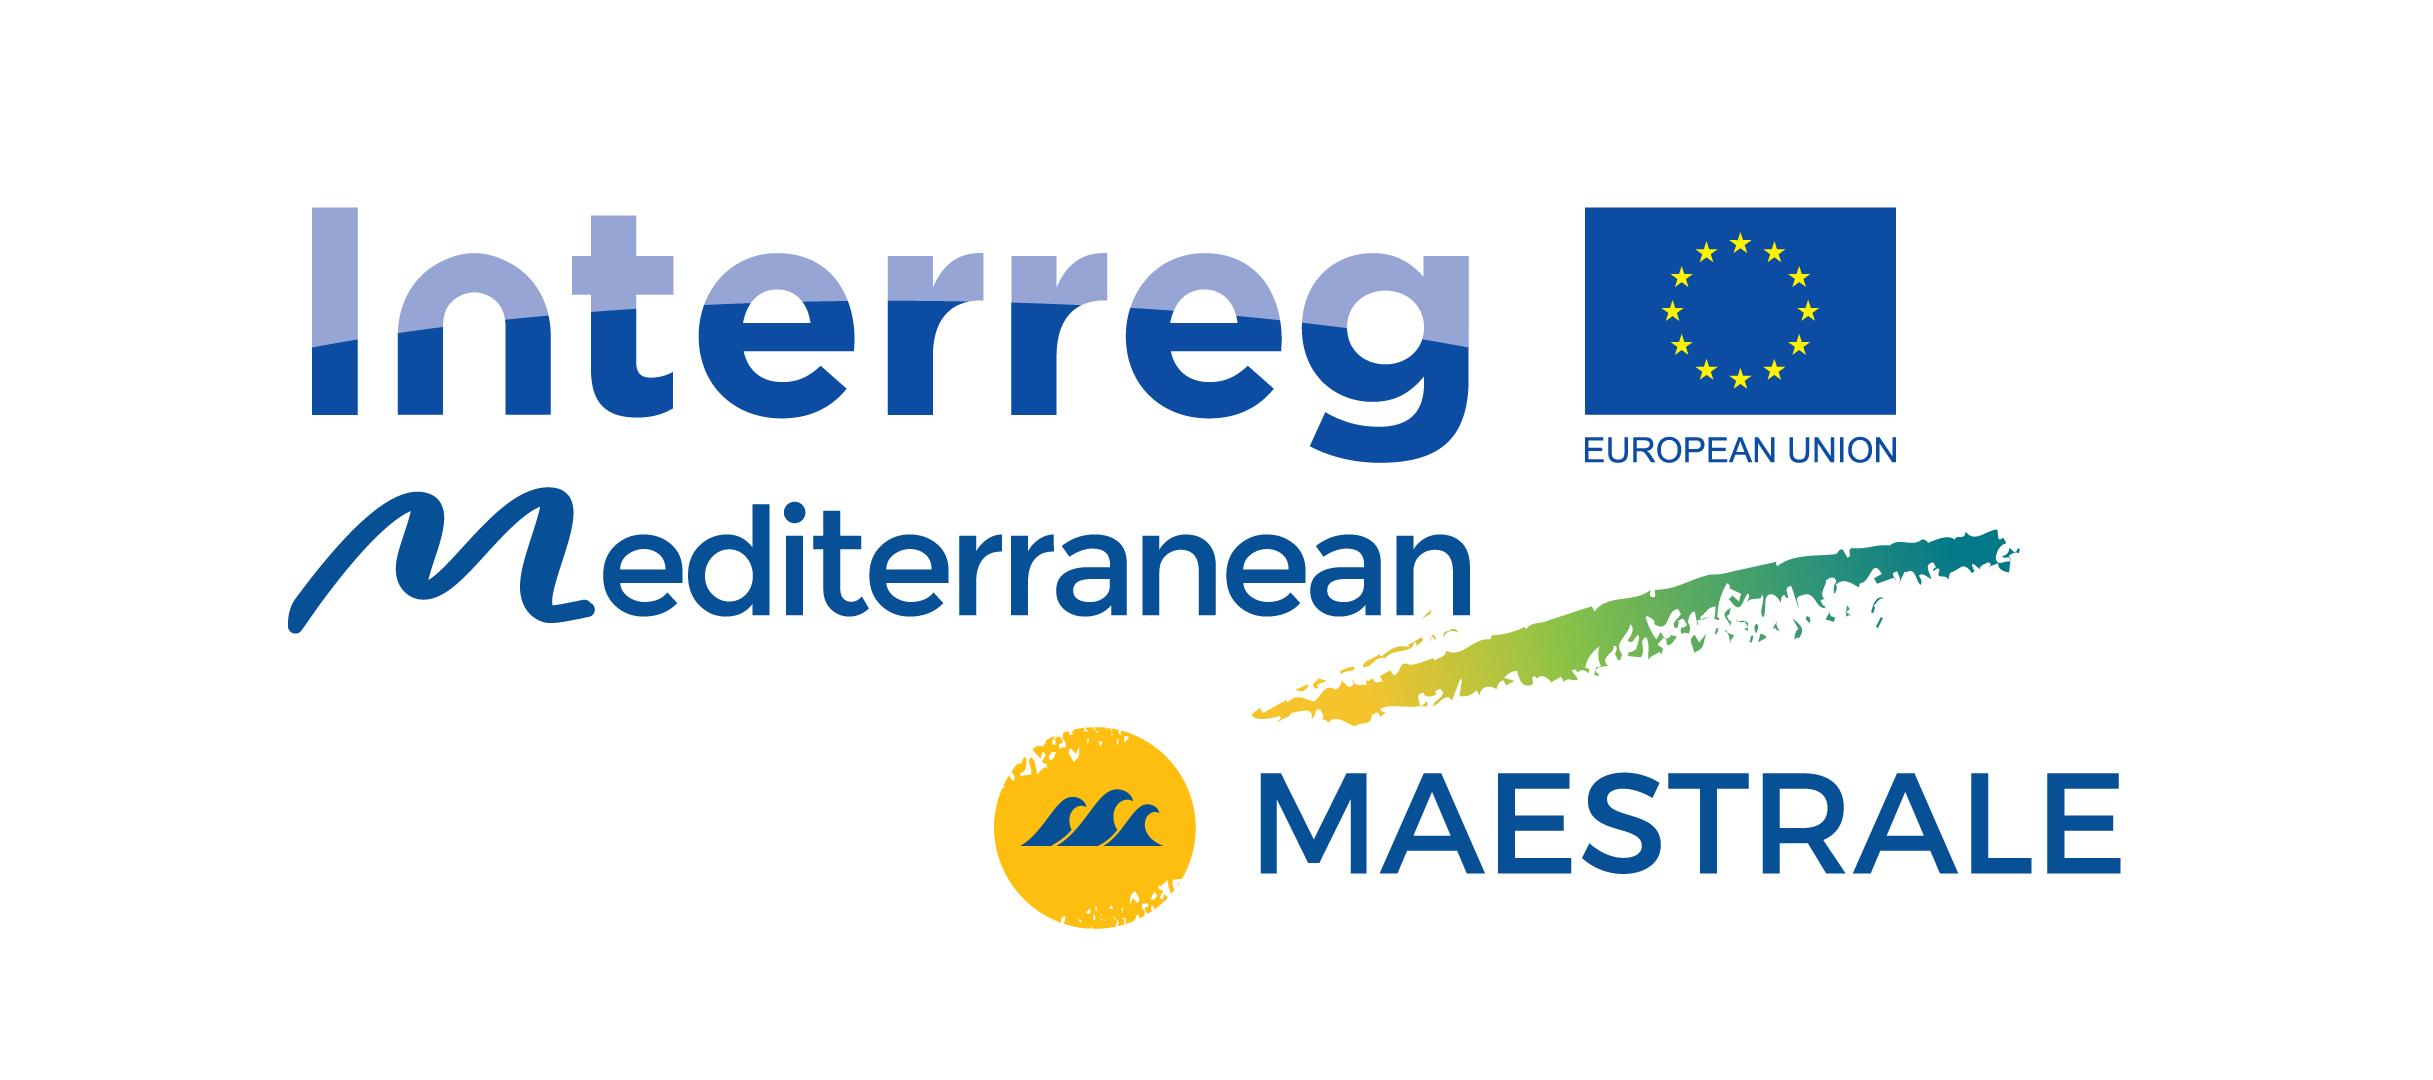 MAESTRALE Project - CEEI Valencia